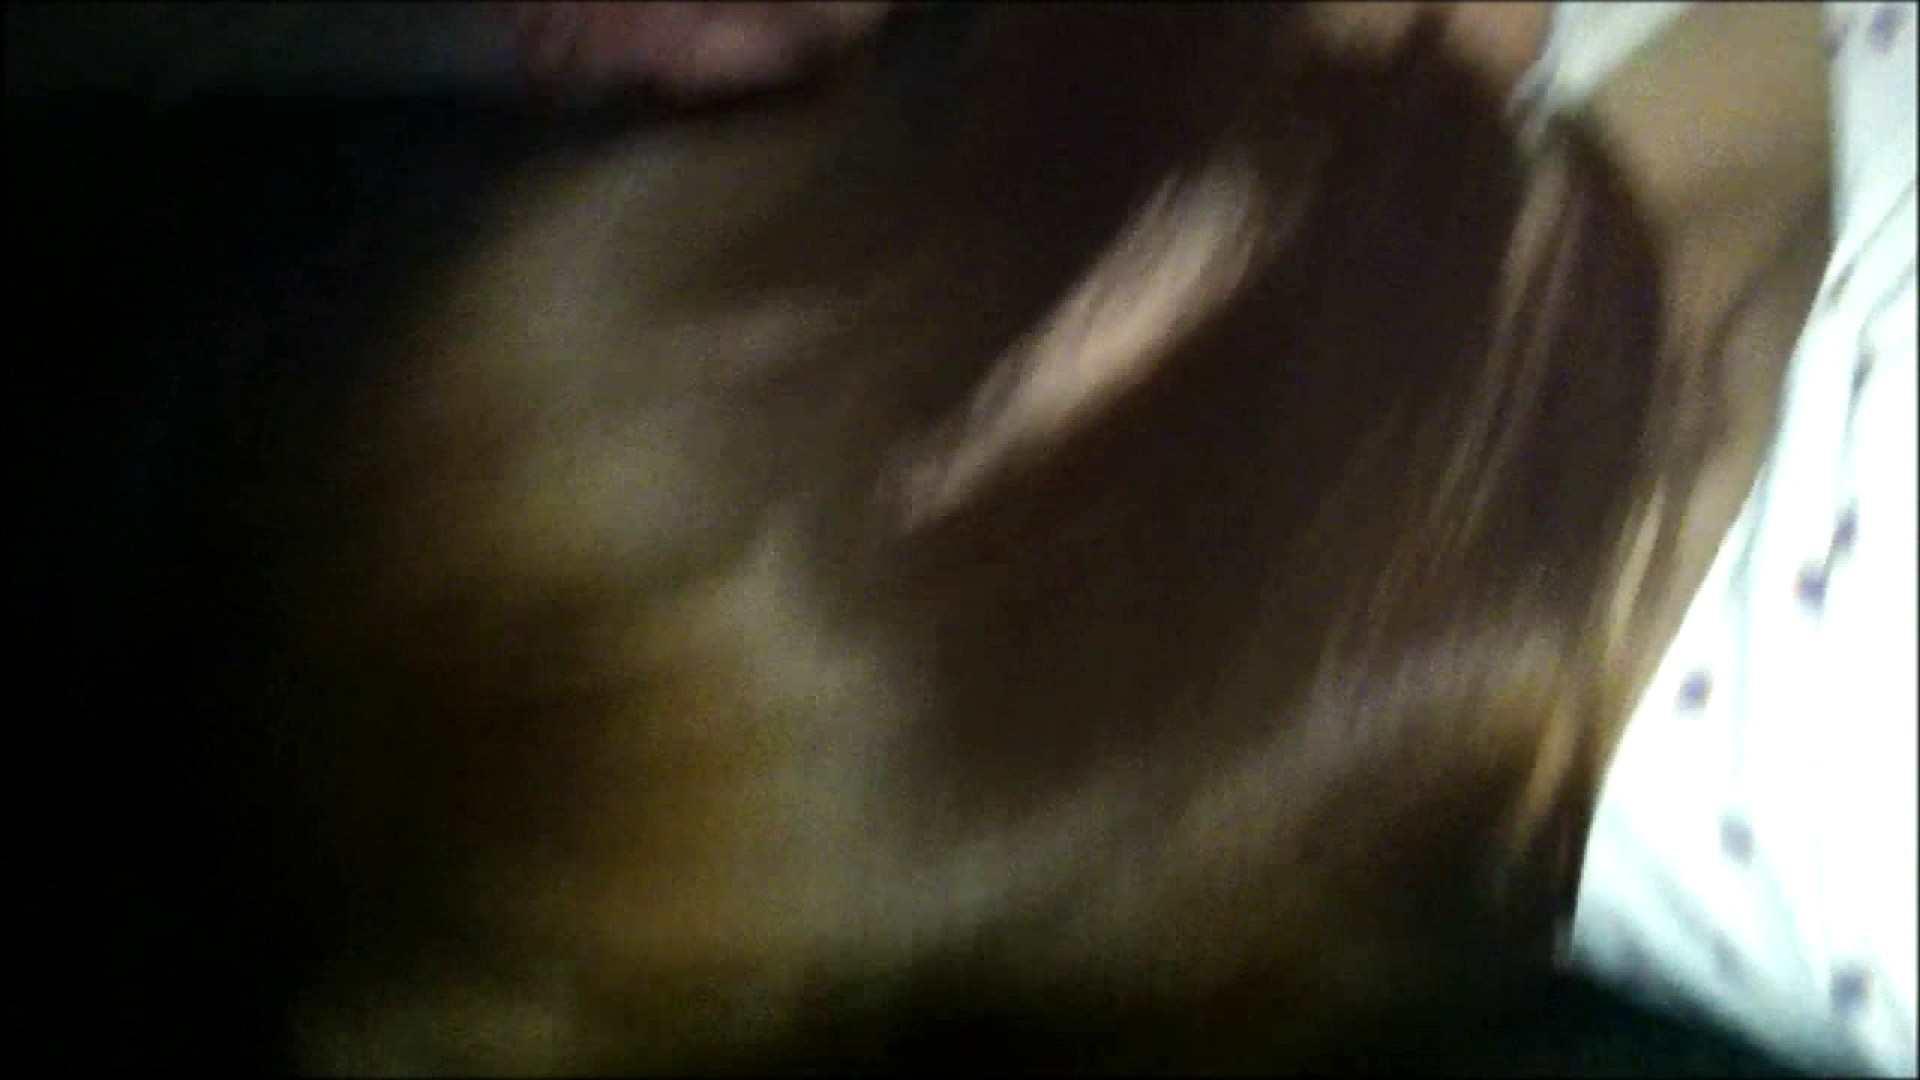 魔術師の お・も・て・な・し vol.03 やわらかおっぱいさん イタズラ  64連発 8